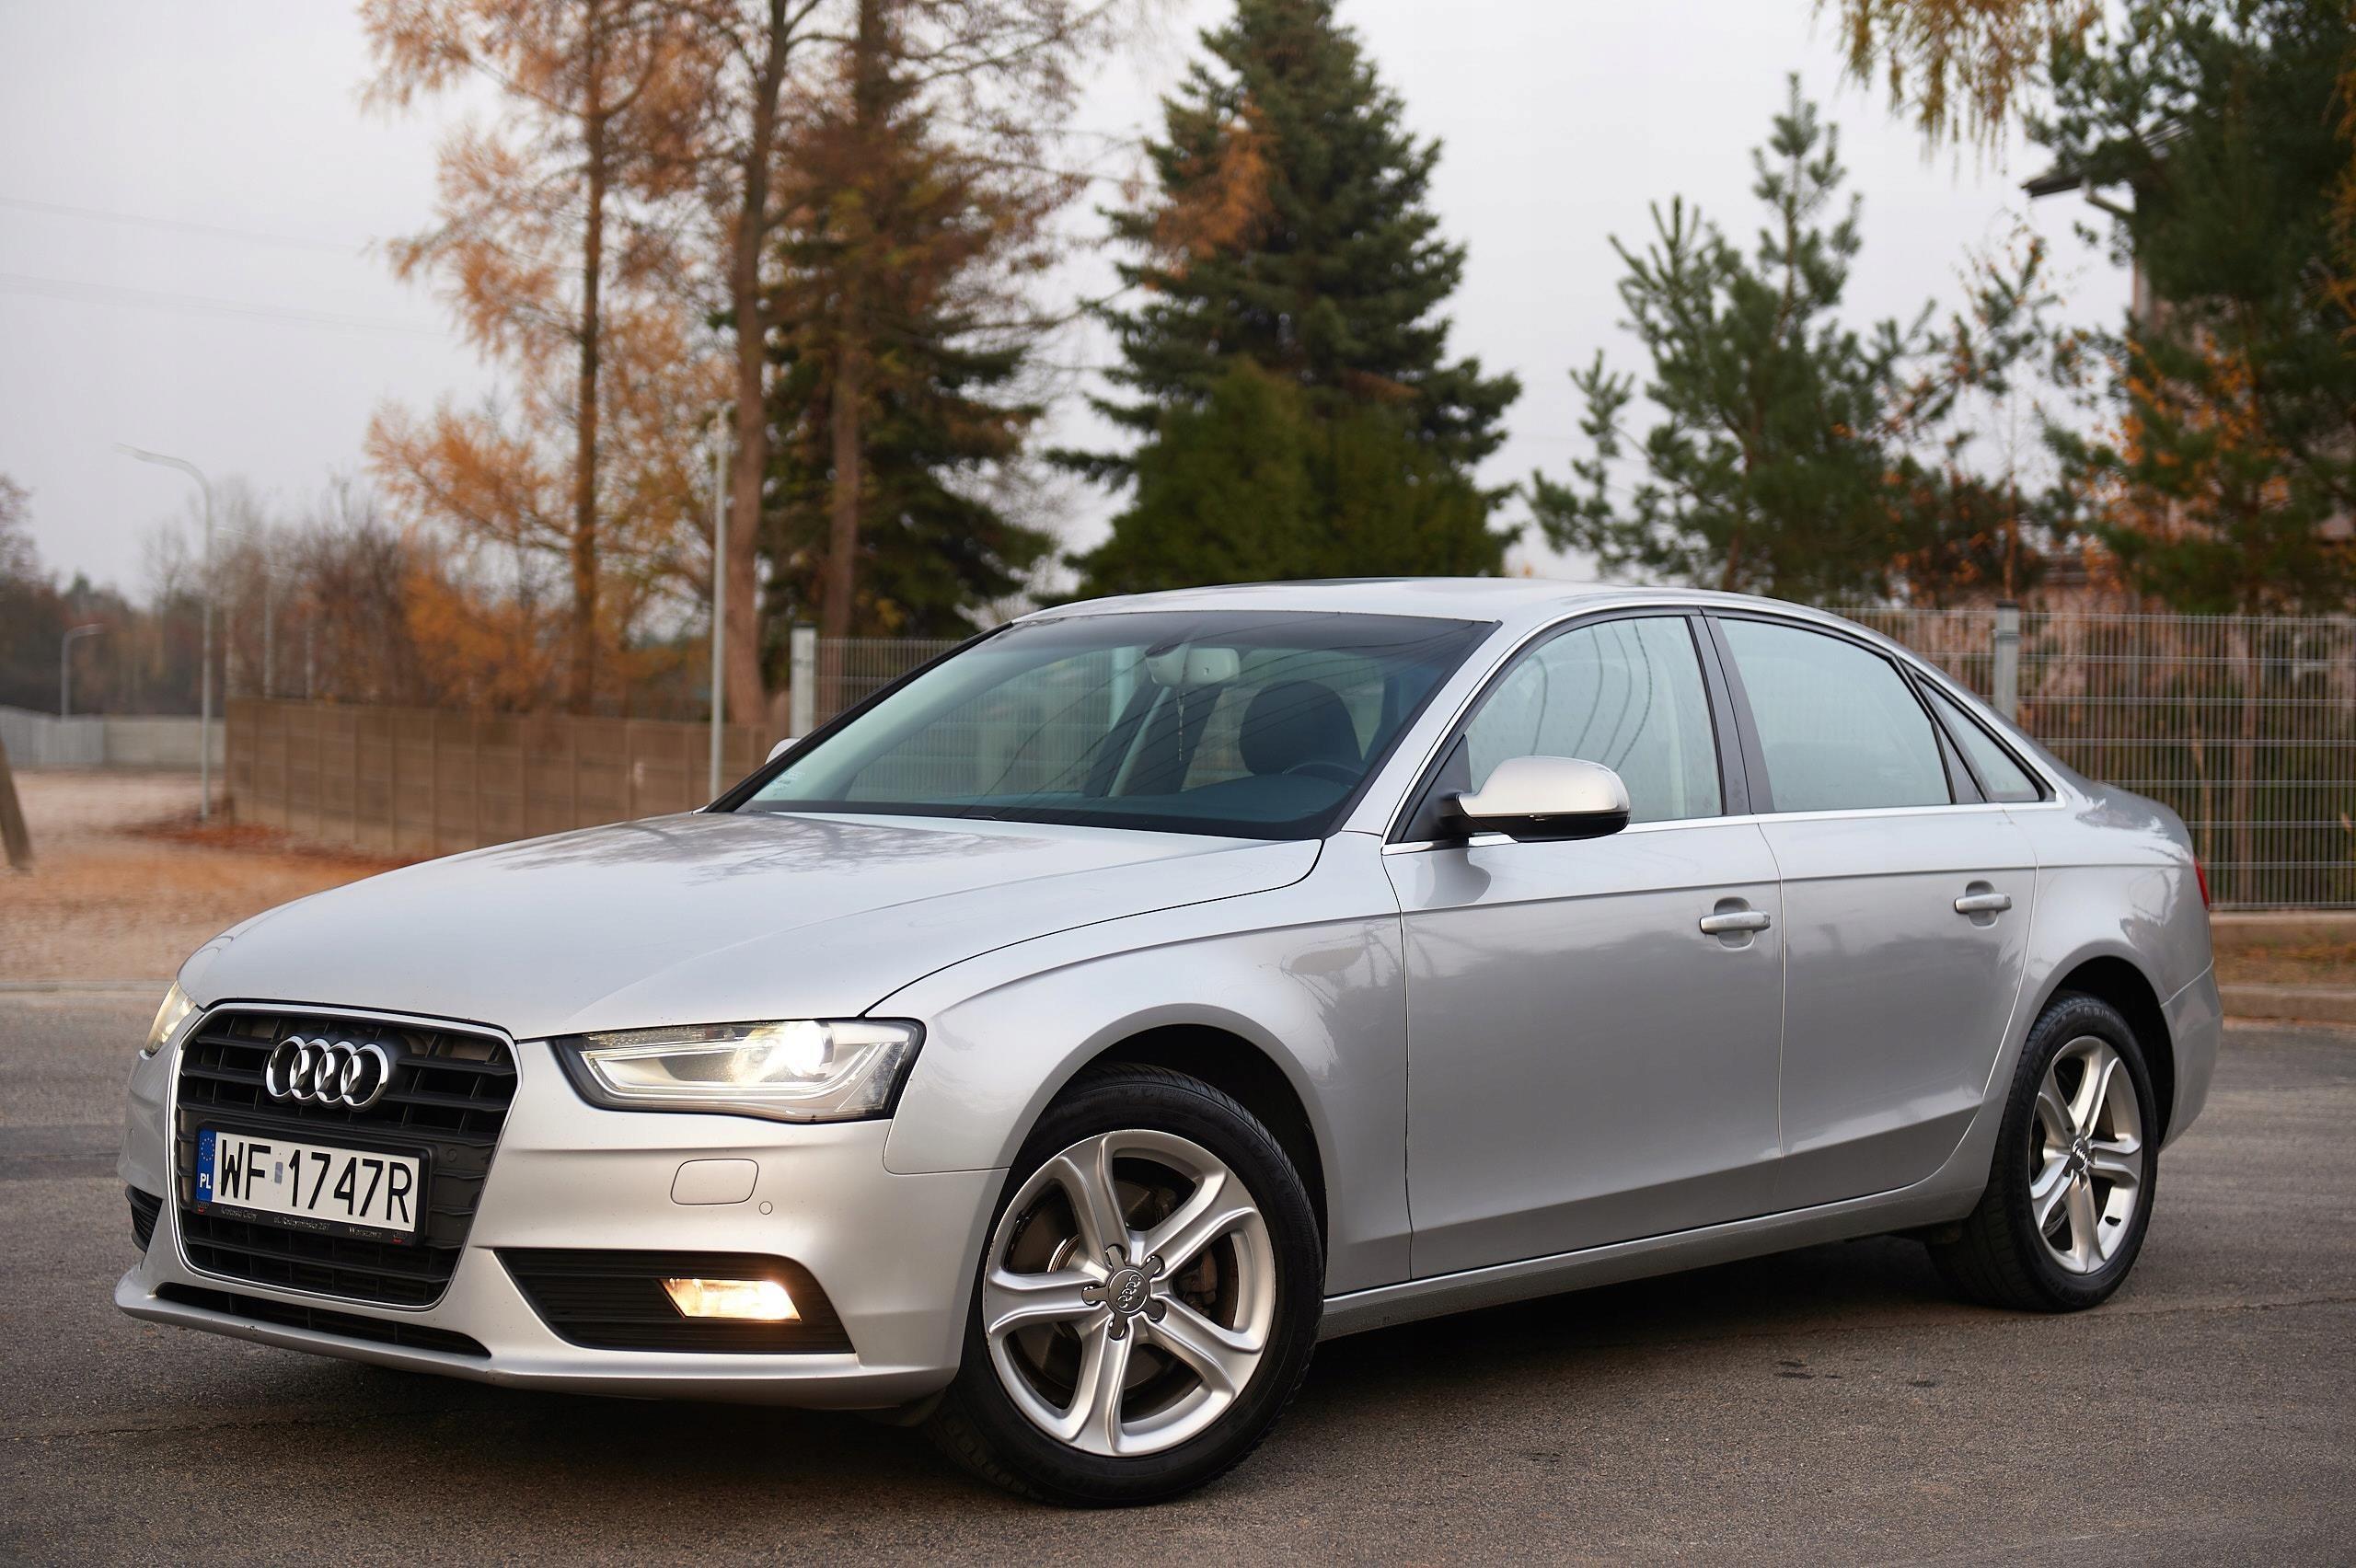 Audi A4 B8 Sedan 2 0 Tdi Automat Zarej Pl